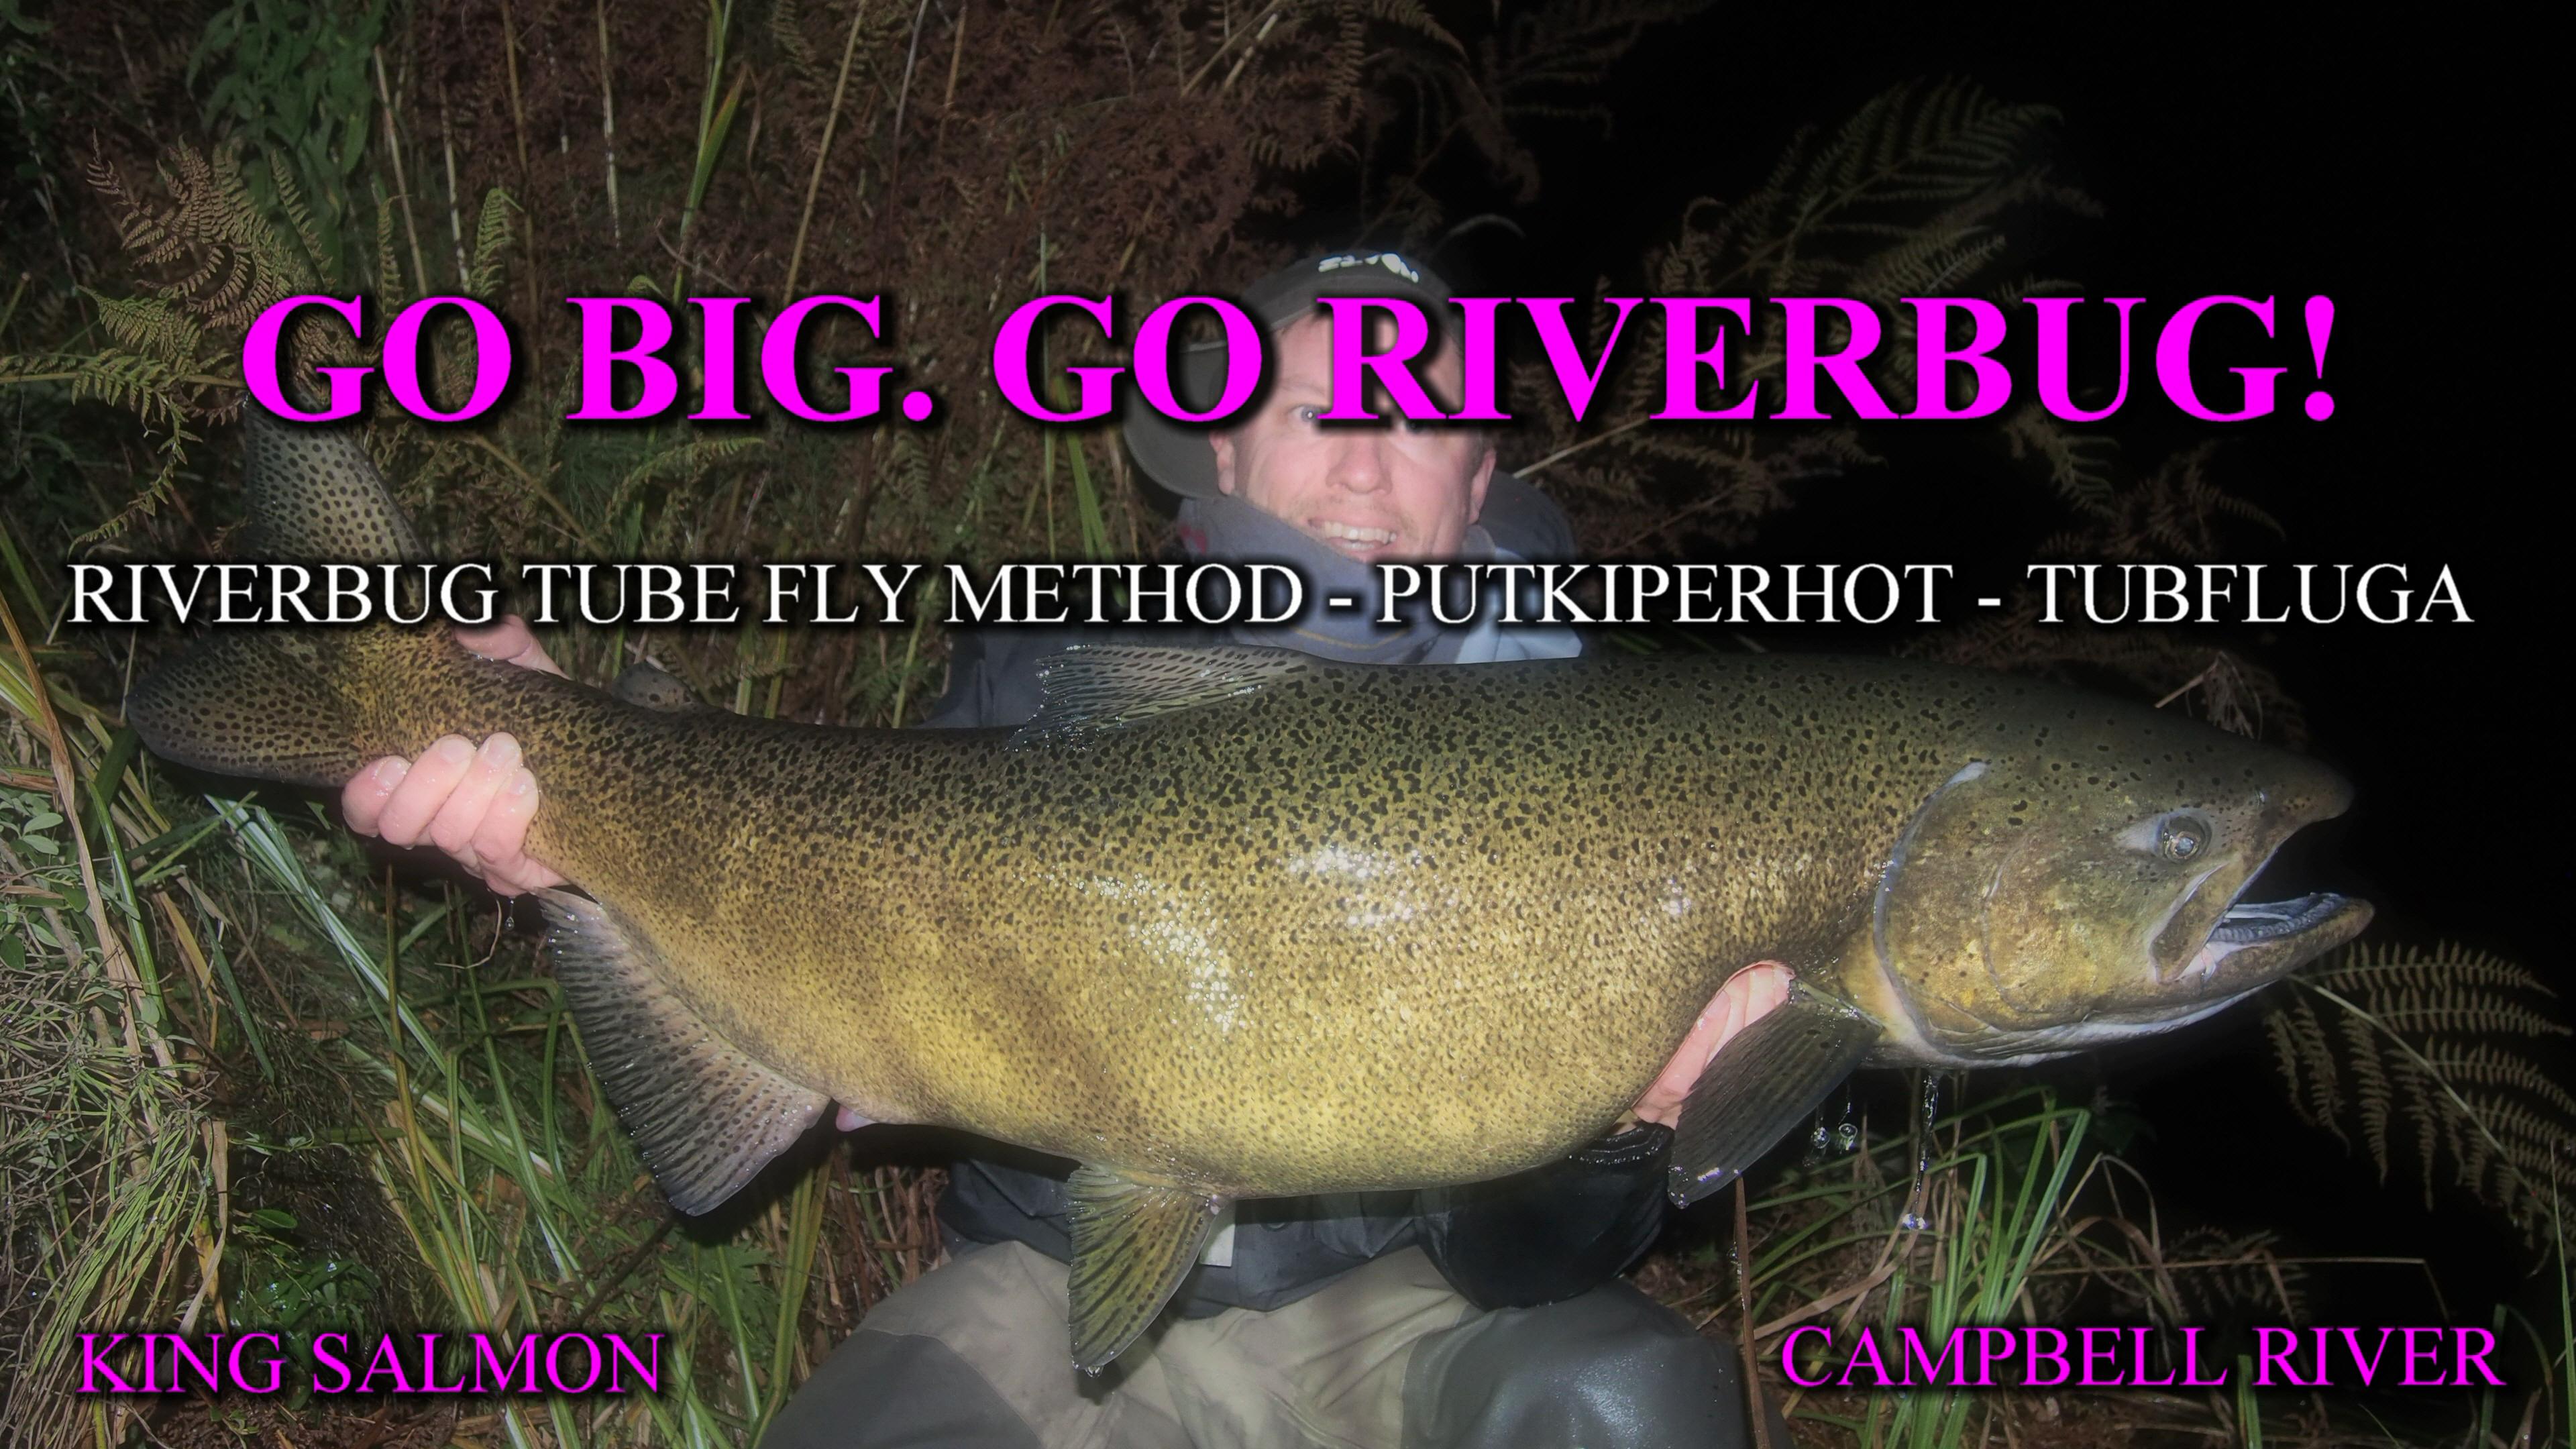 Massive King Salmon ( KUNINGASLOHI ) with RiverBug tube fly. #kingsalmon #kuningaslohi #lohi #canada #putkiperhot #streamer #kalastus #fishing #kala #perhokauppa #riverbug